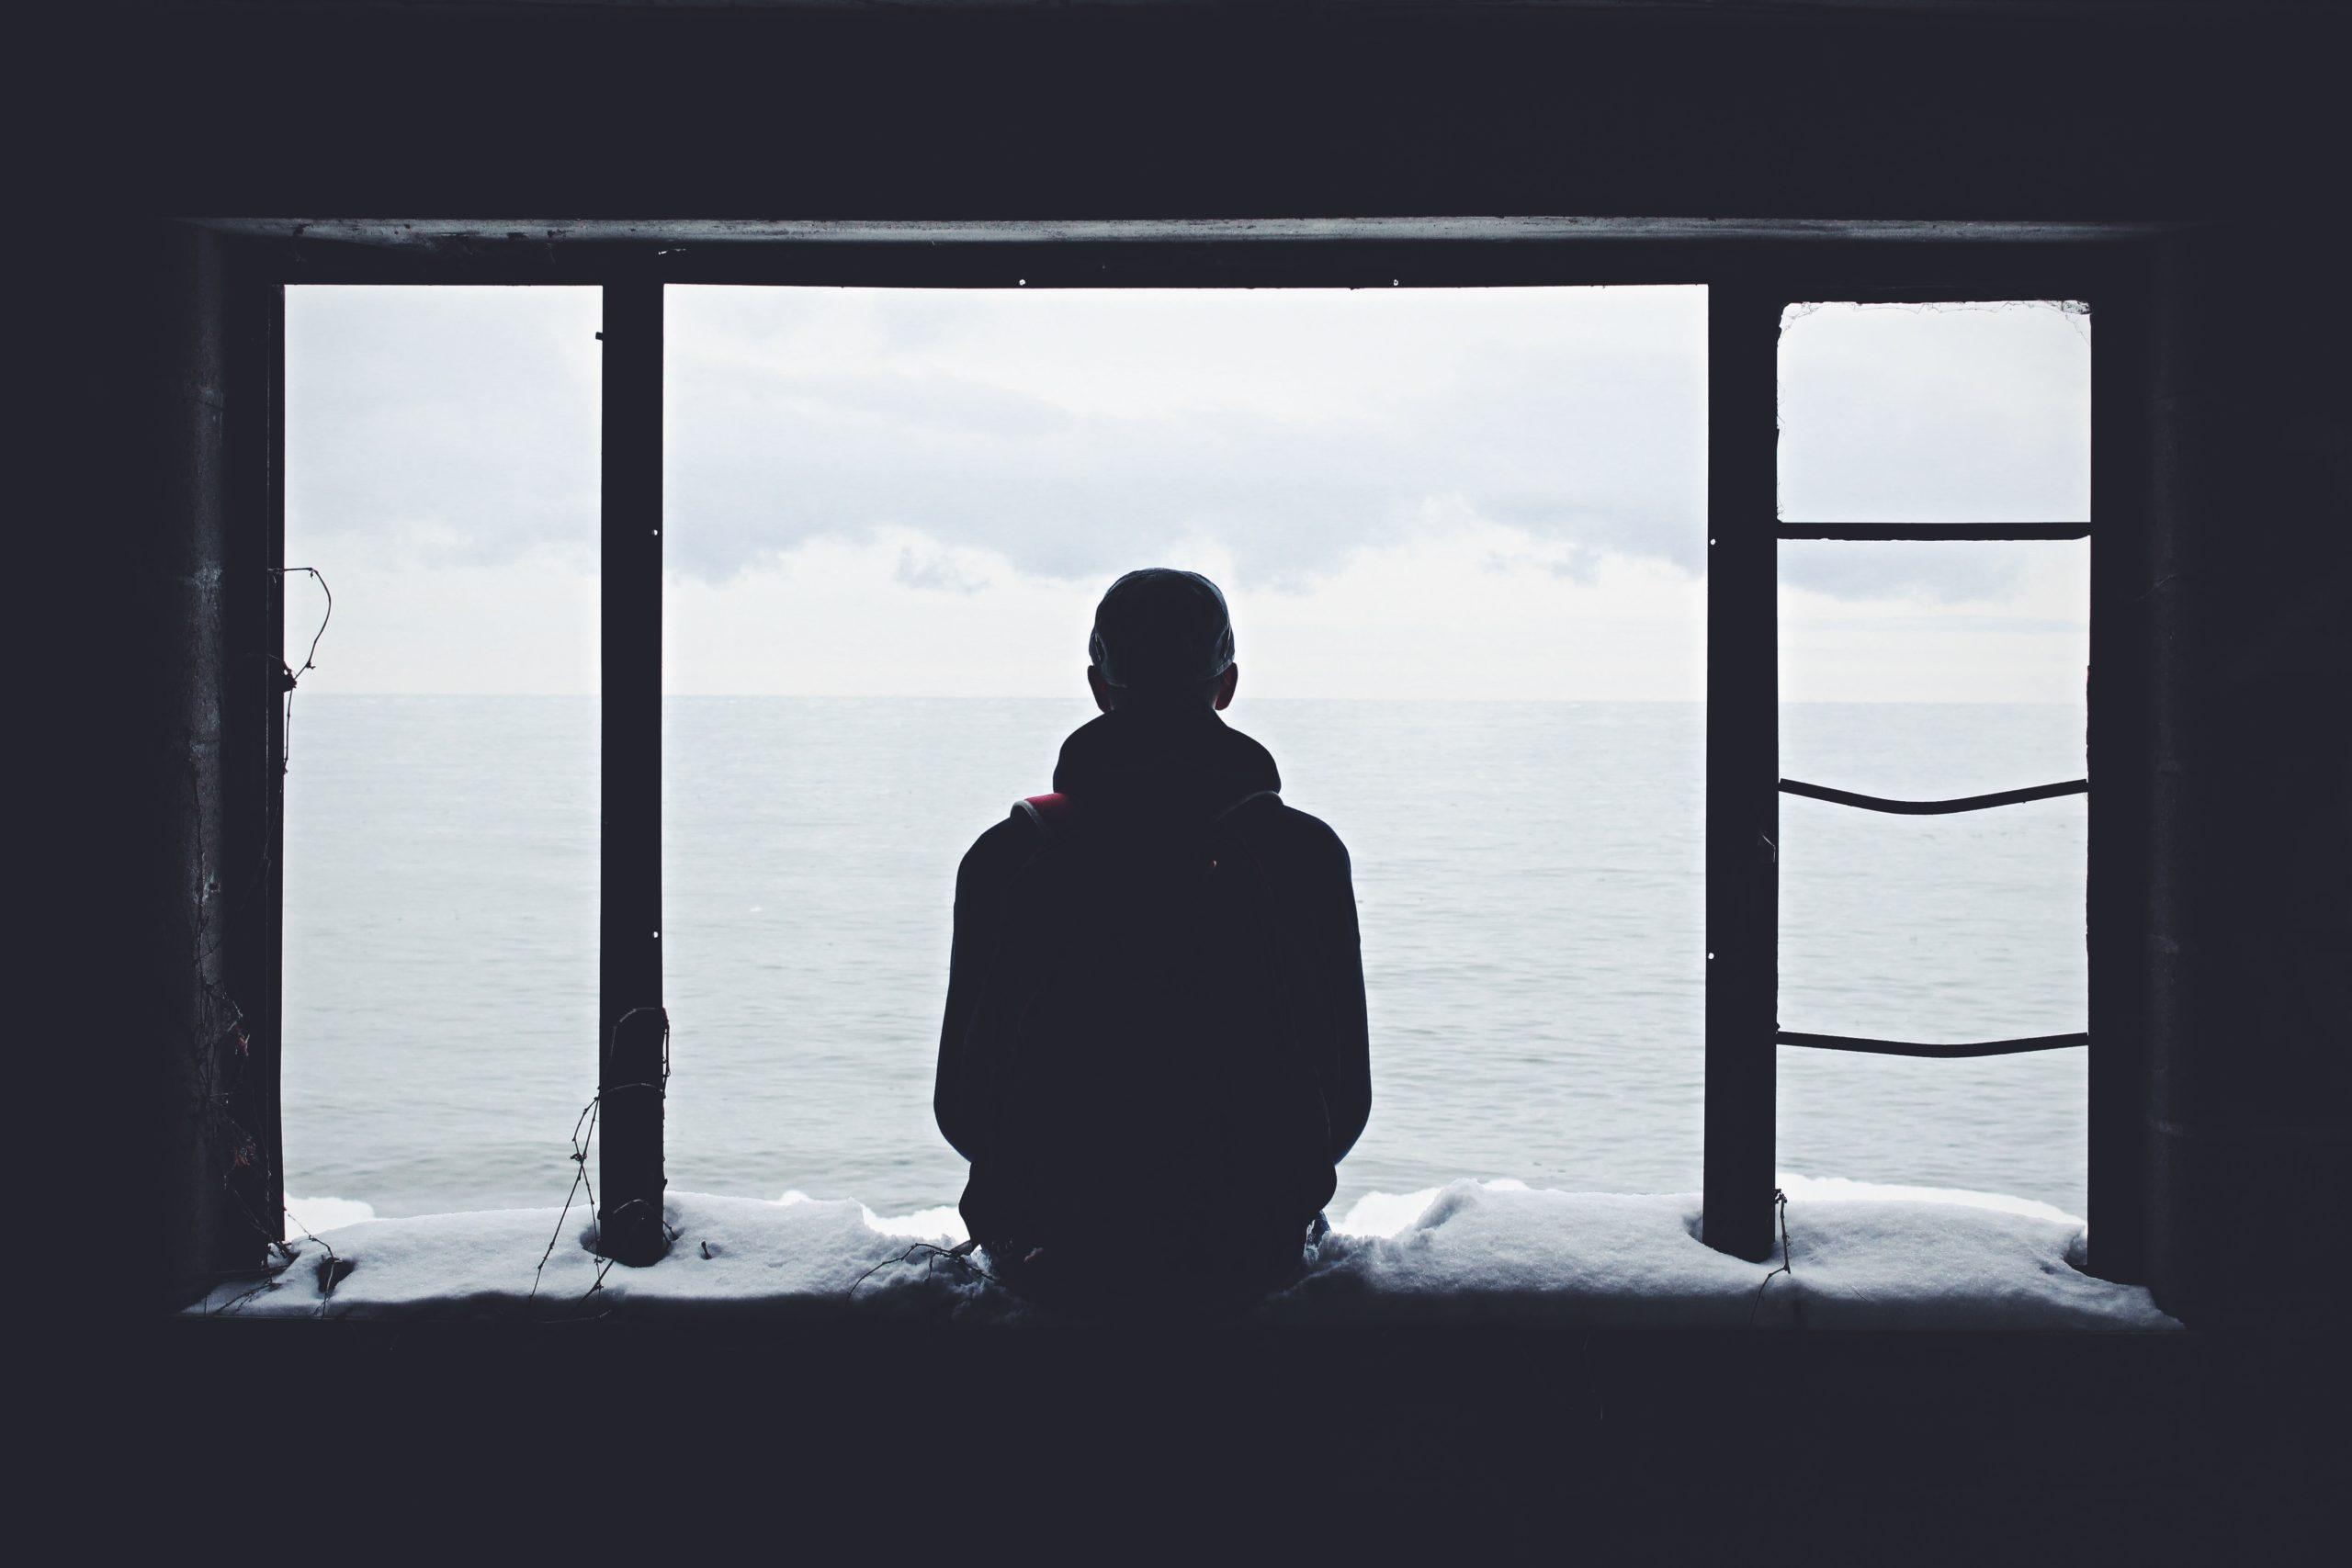 Peur de l'abandon, cause d'un mal être souvent inavoué